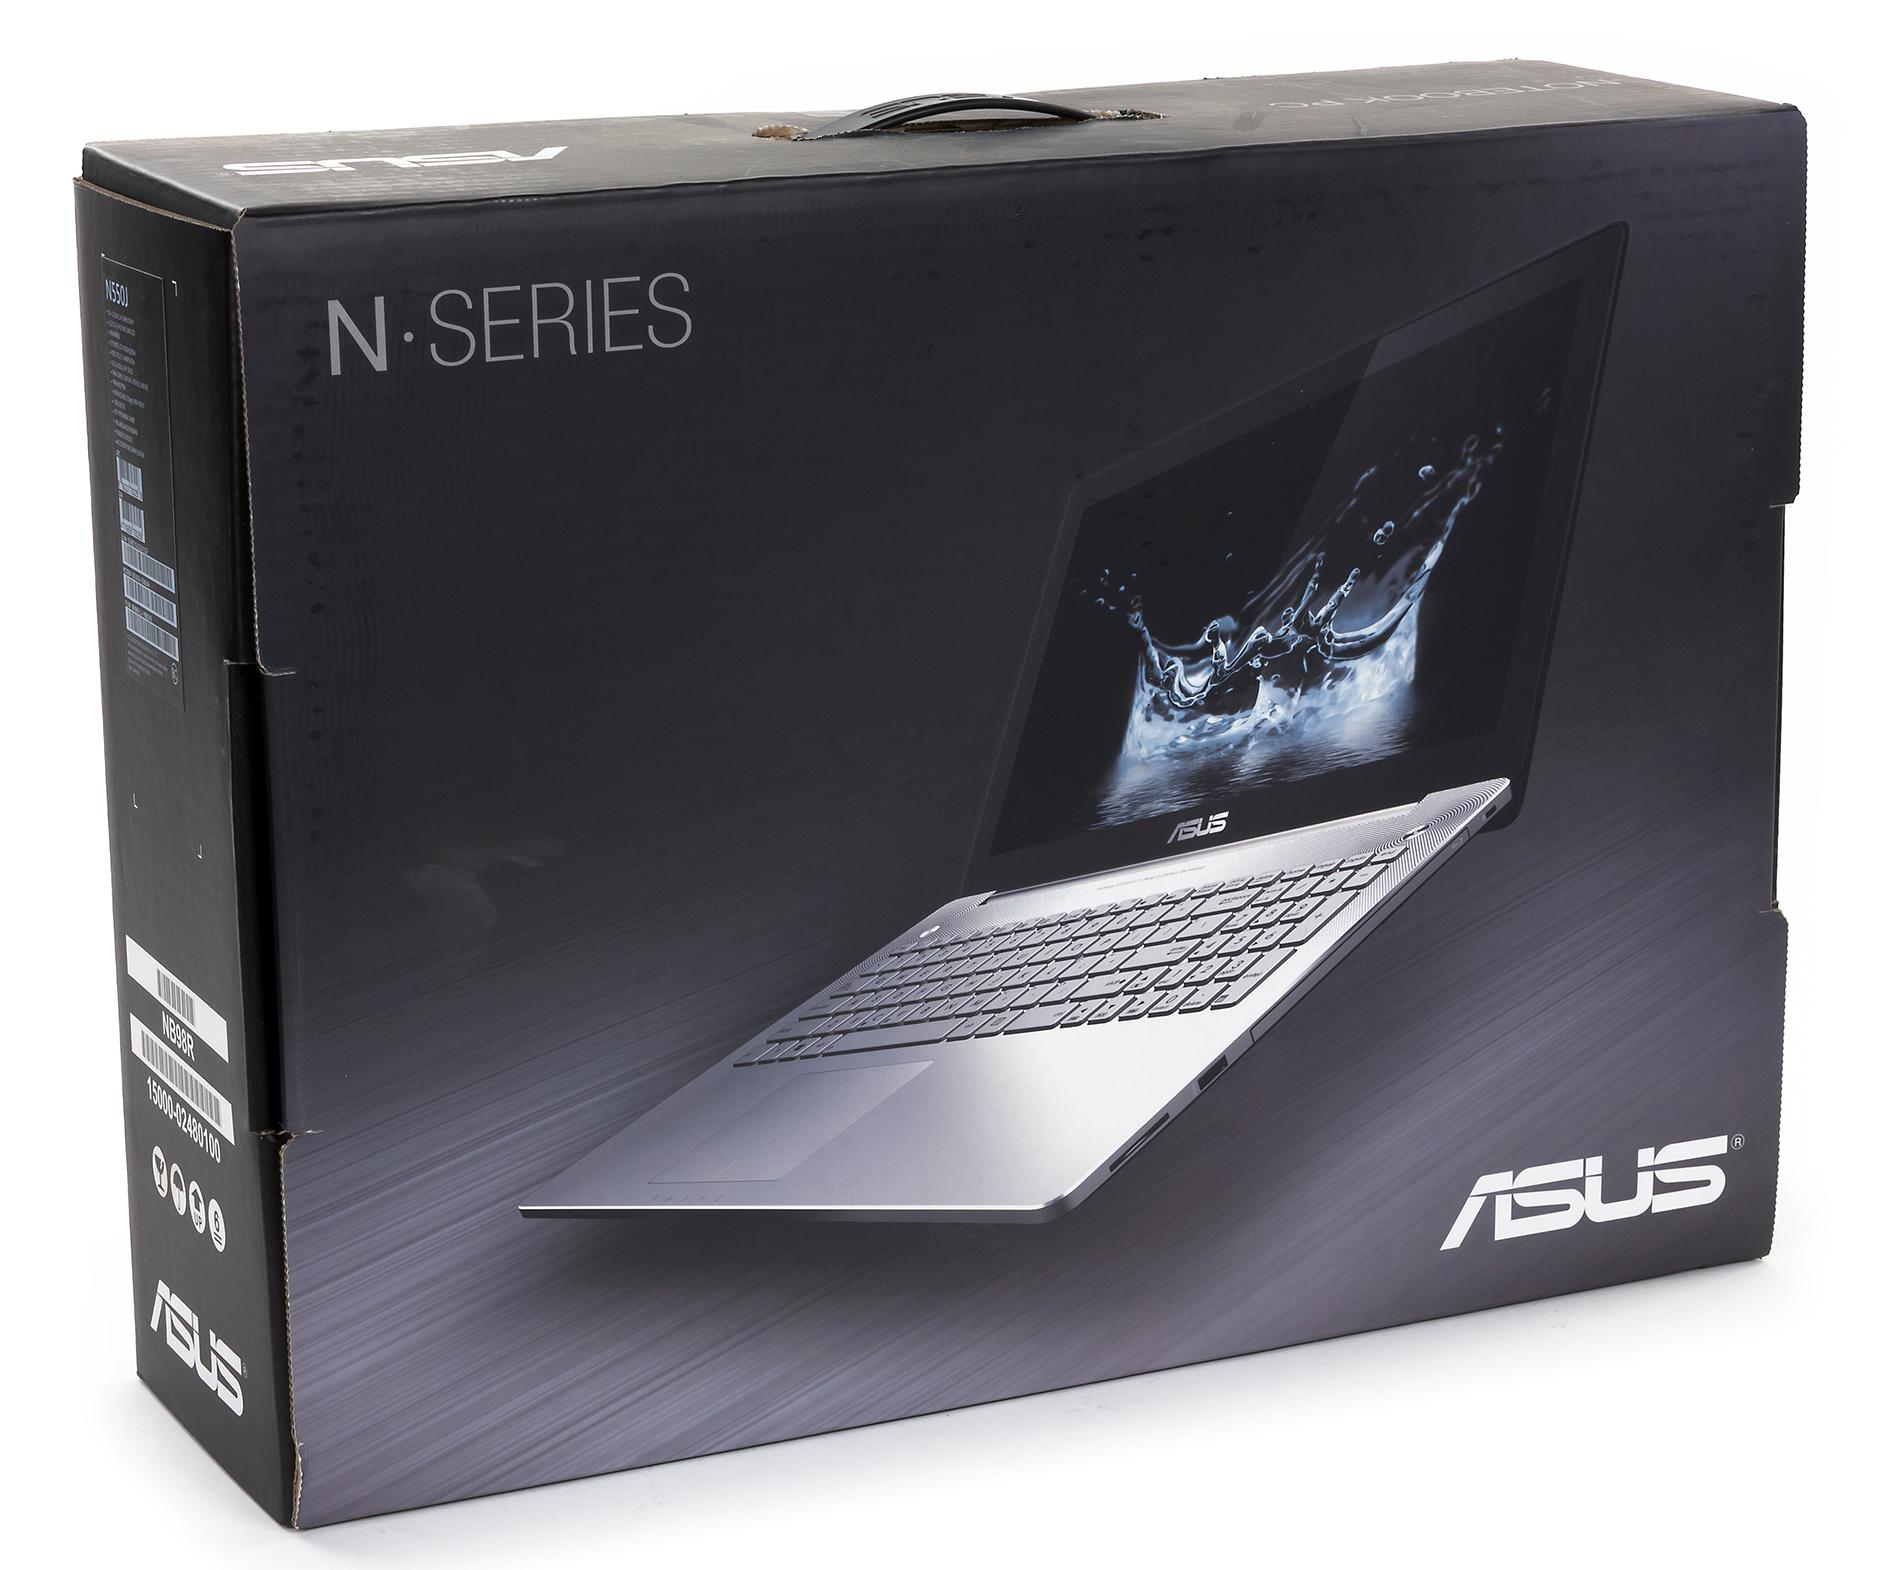 ноутбук asus x553m инструкция пользователя